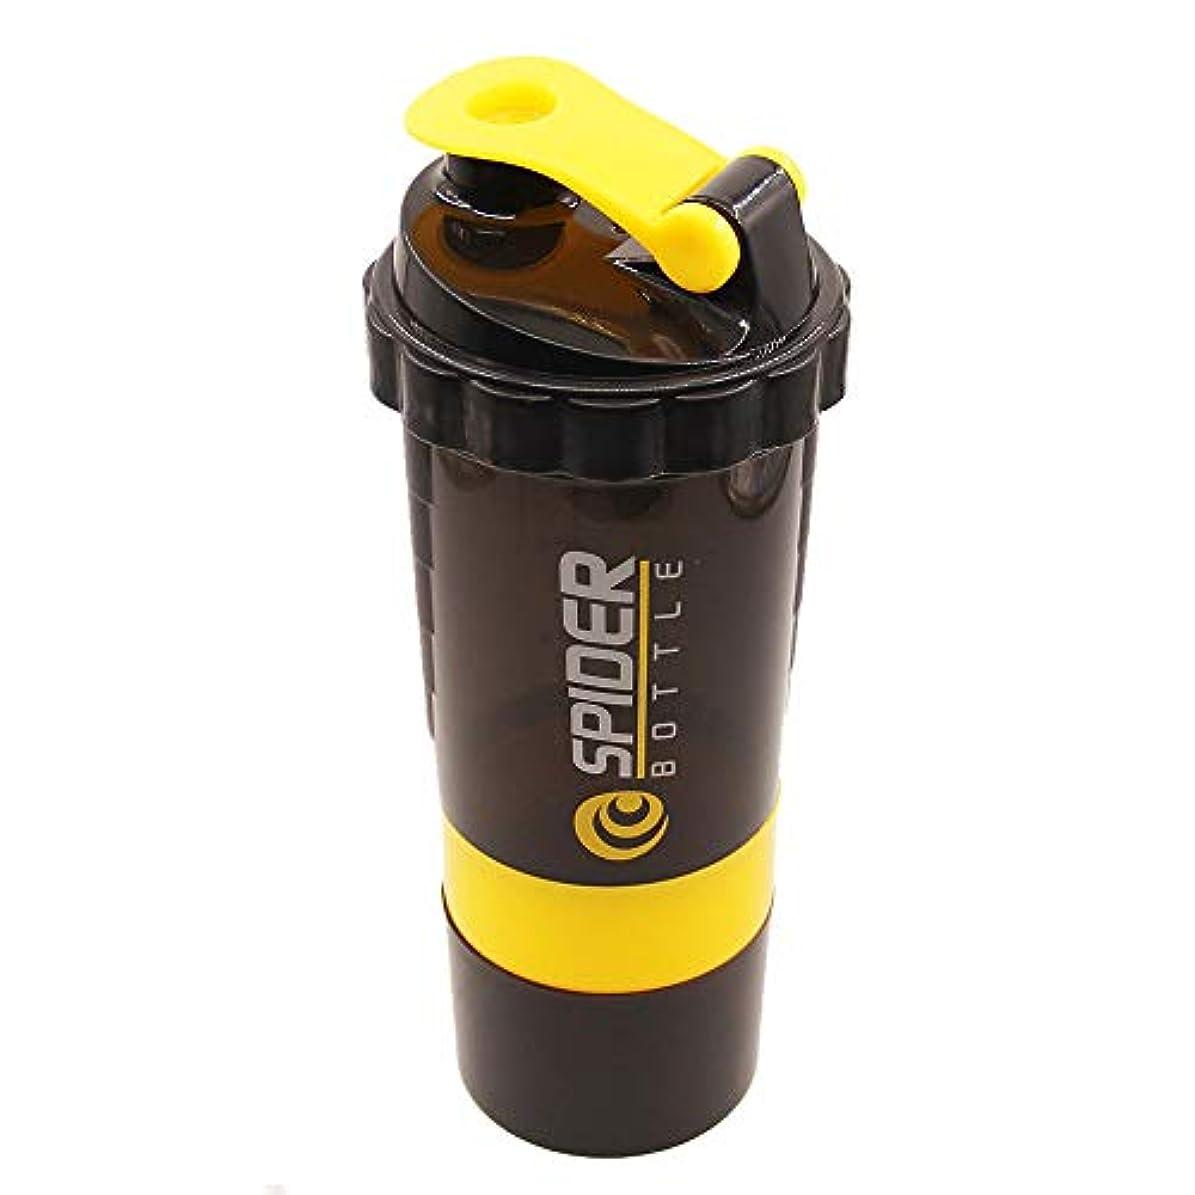 チェス振幅毛皮プロテインシェイカー プラスチックボトル シェーカーボトル フィットネス用 プラスチック 目盛り ジム スポーツ 600ml 3層プロテインボックス 大容量 (イエロー)